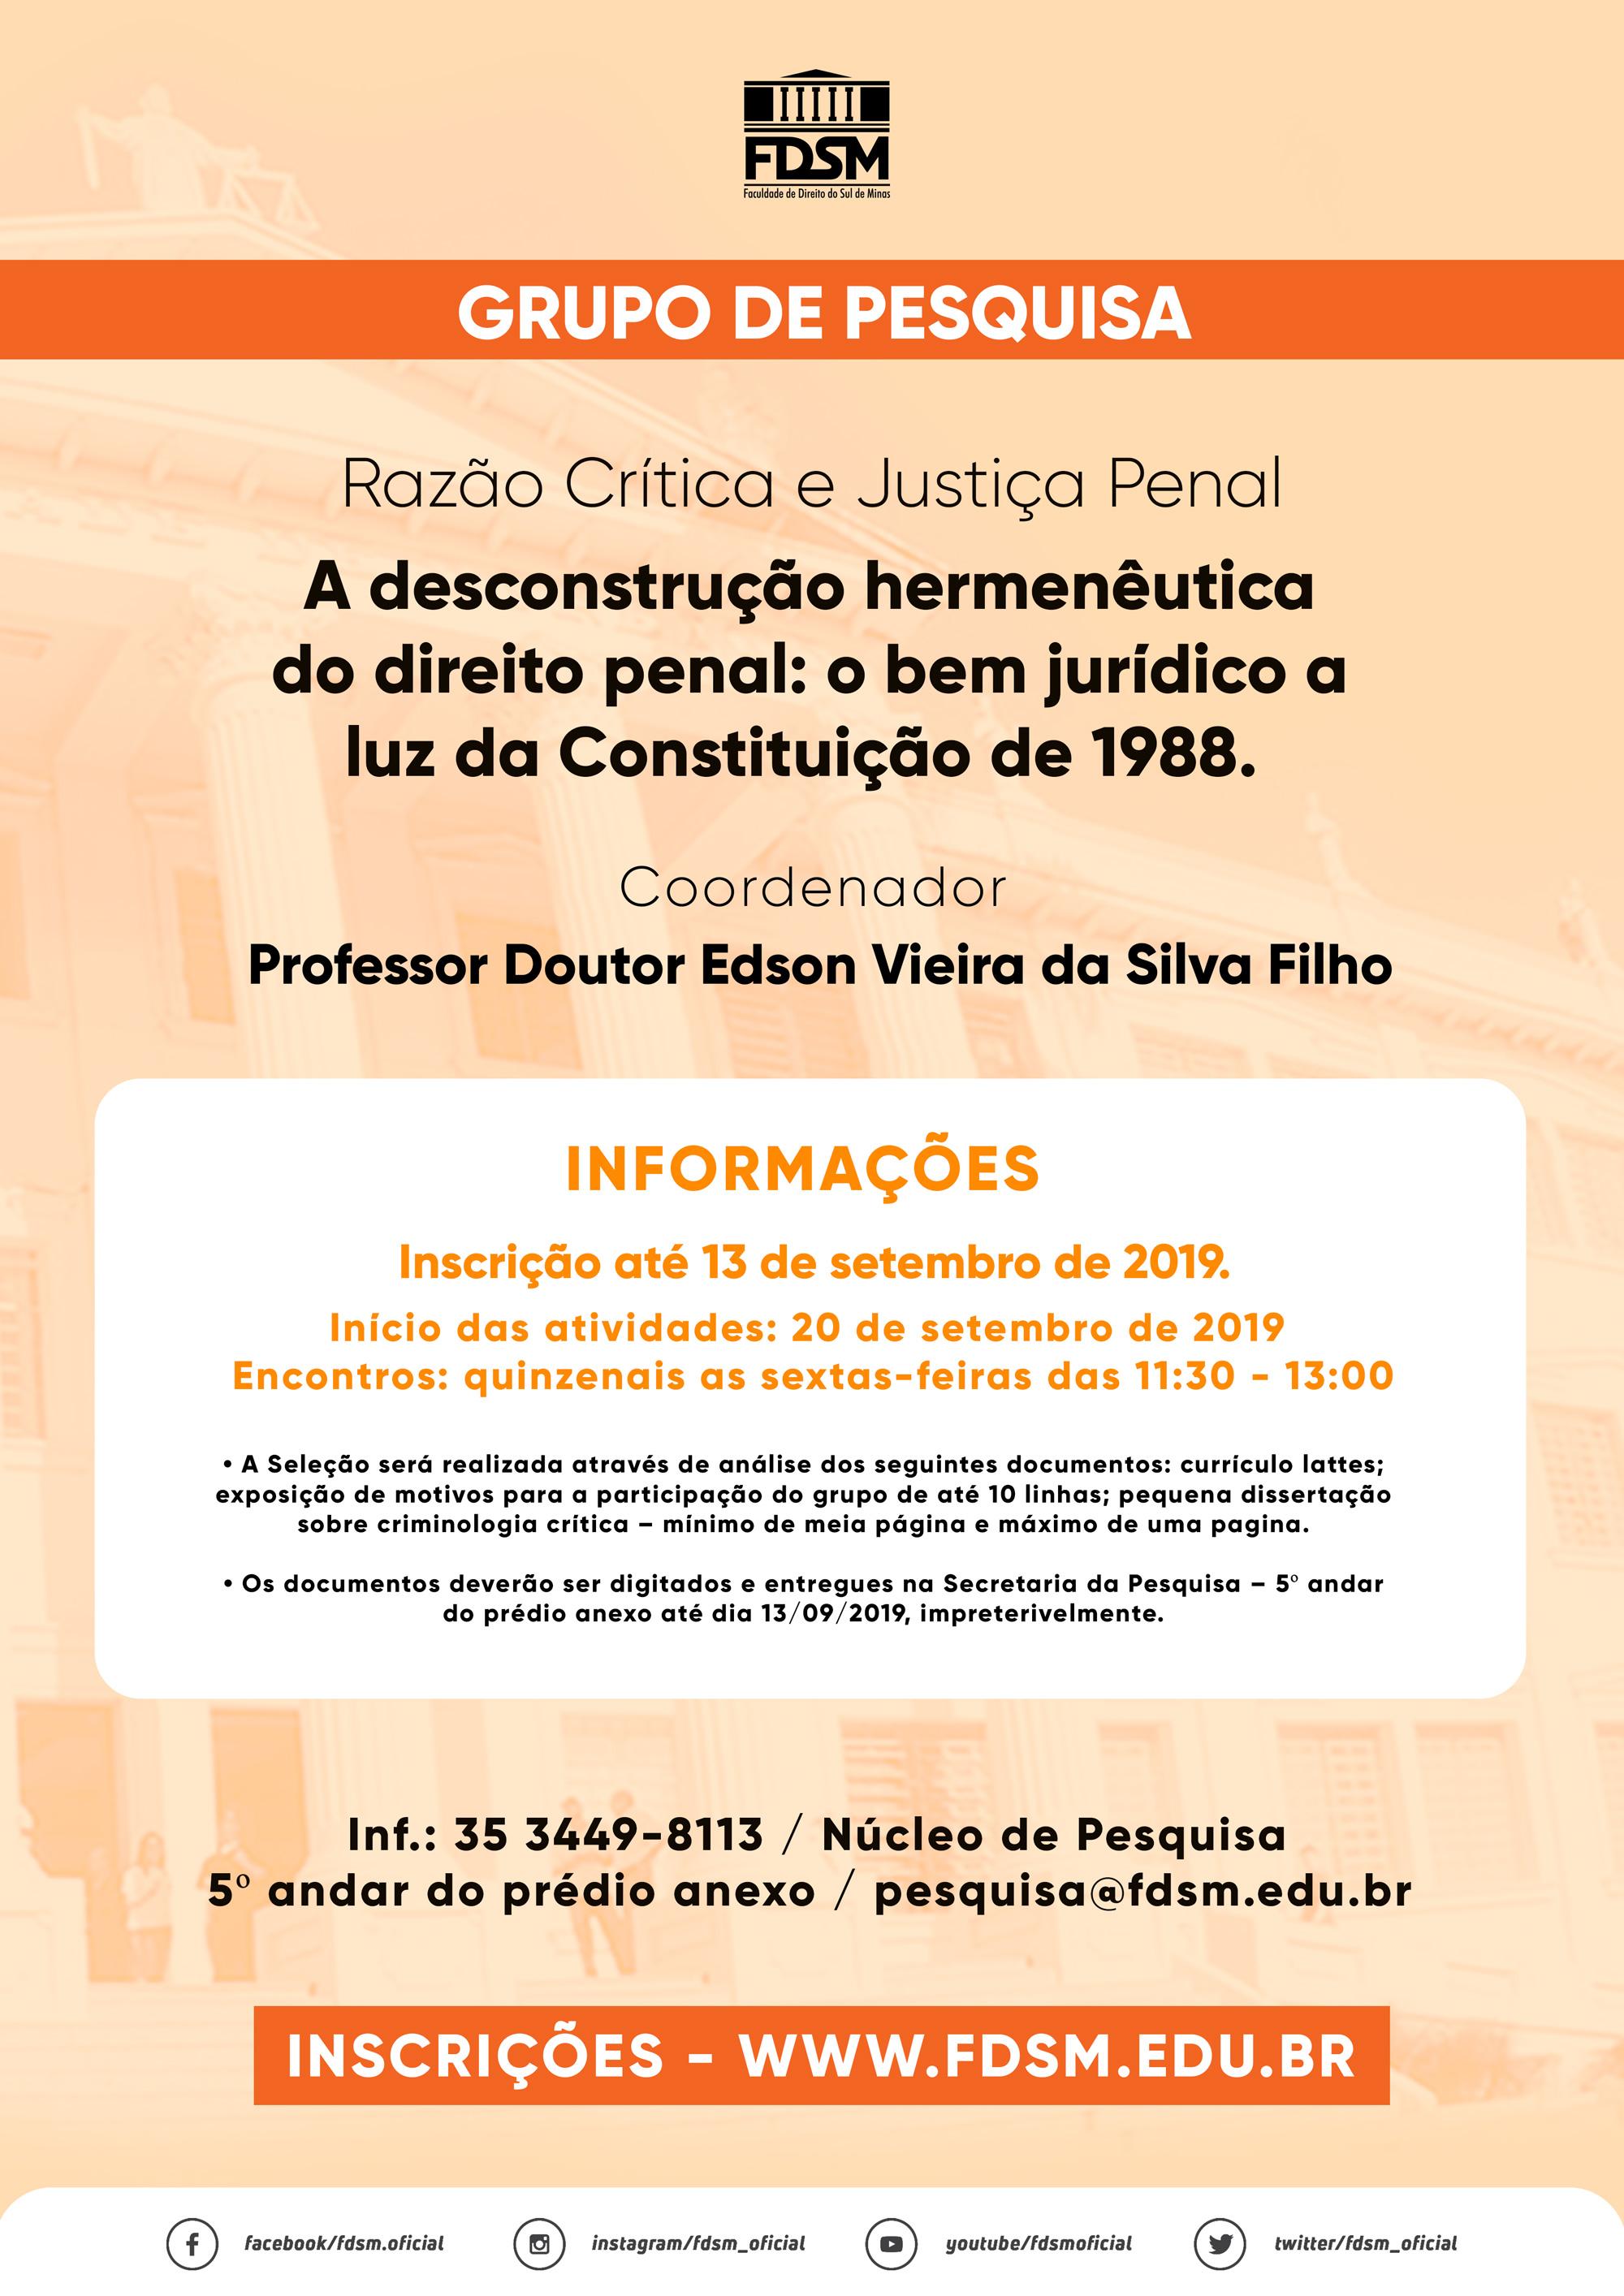 Grupo de Pesquisa: Razão Crítica e Justiça Penal;